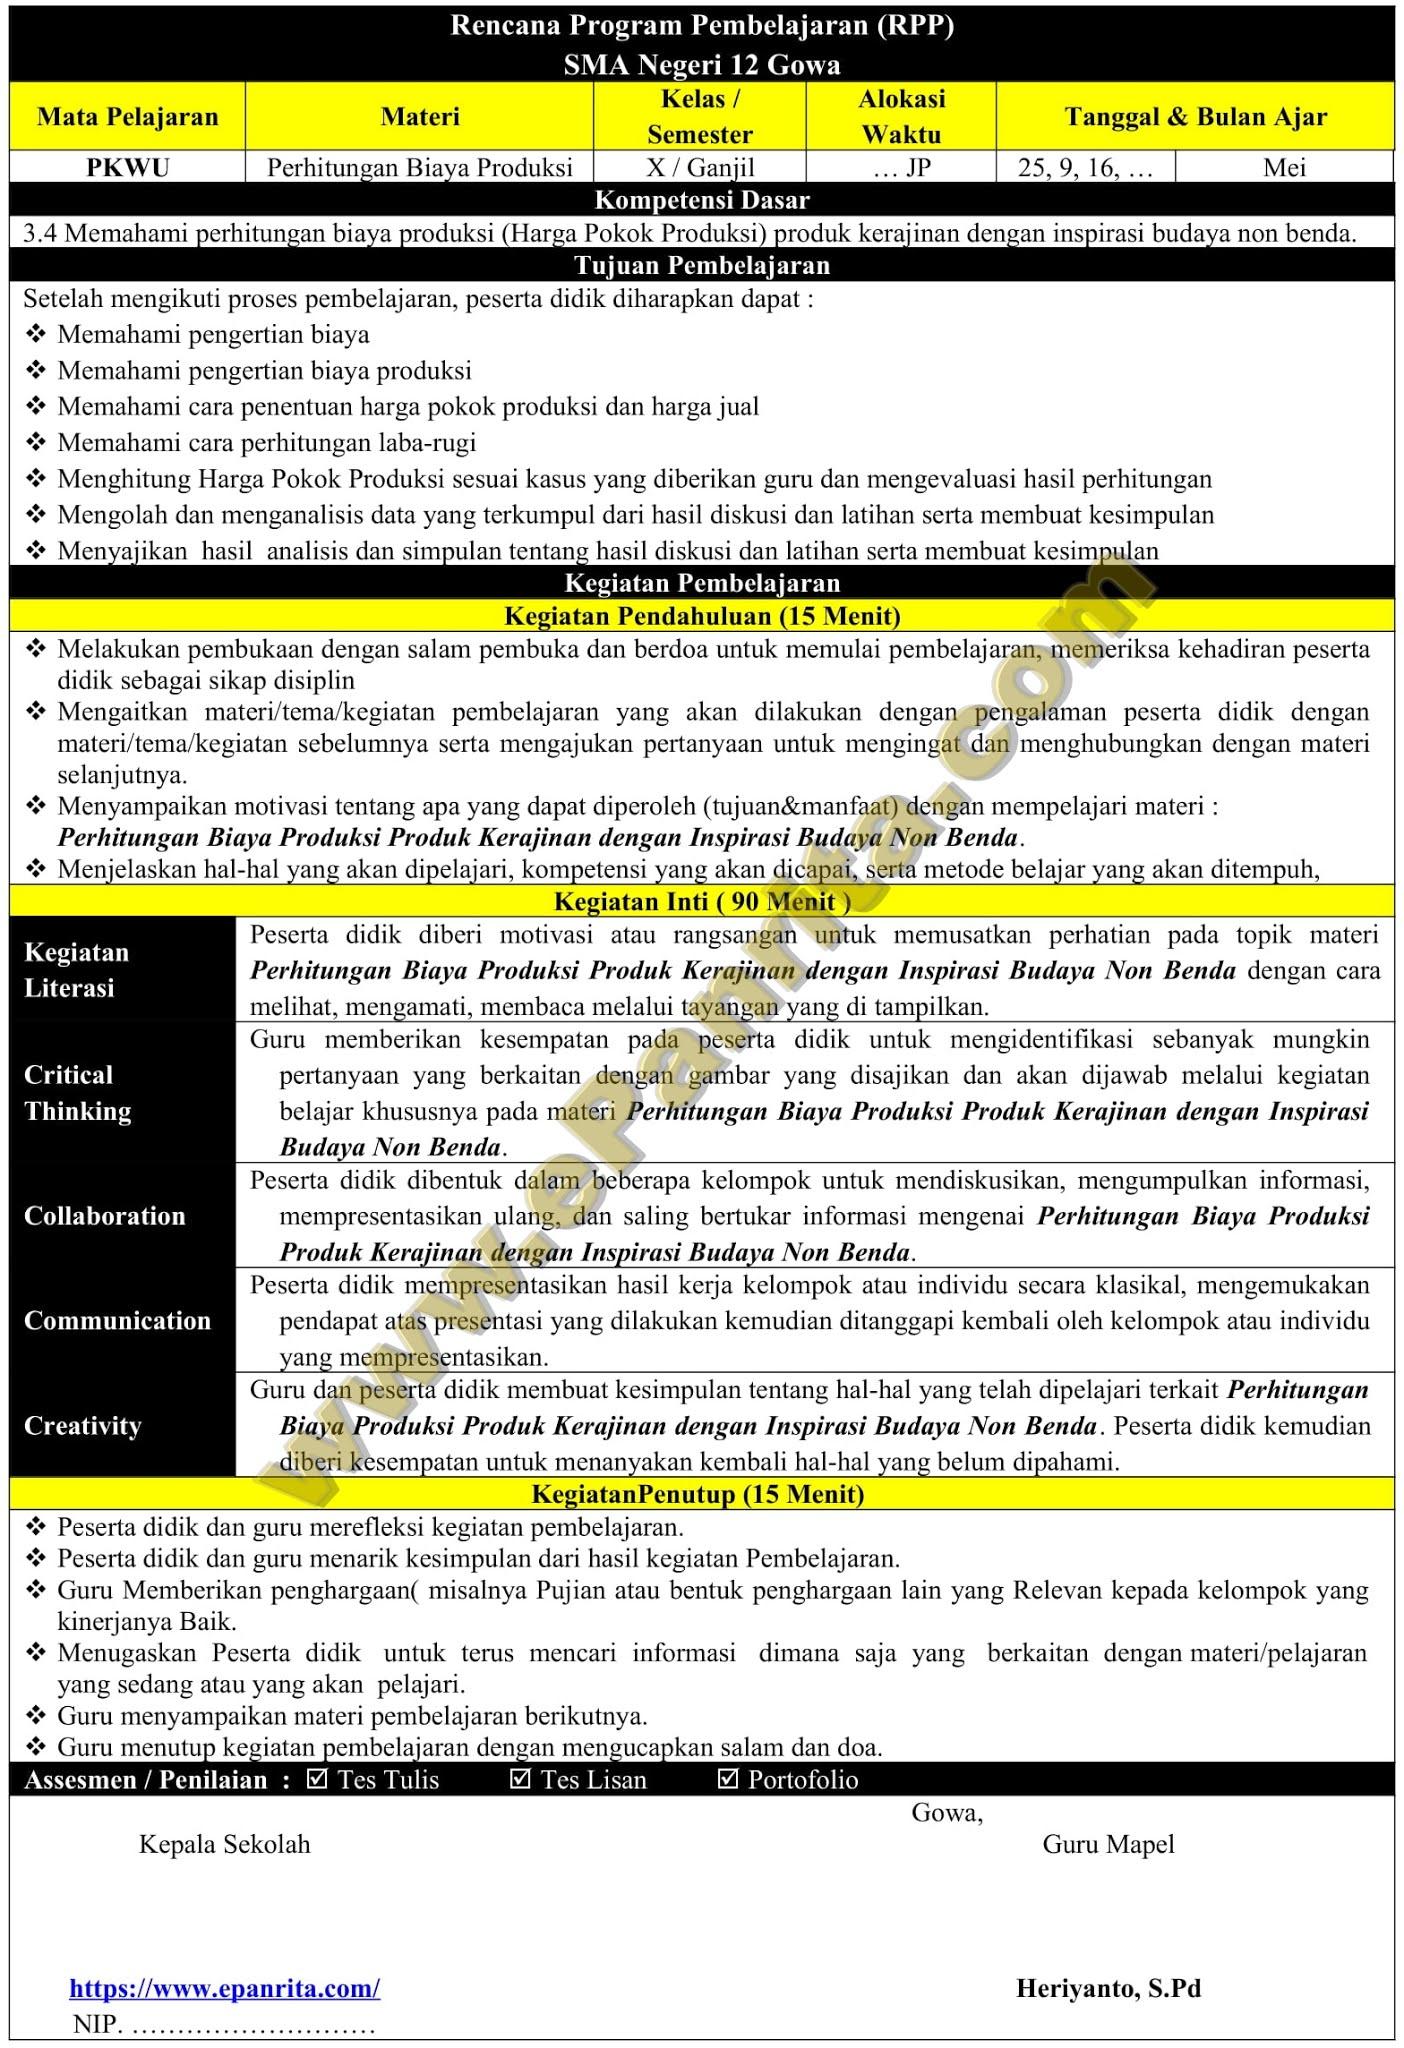 RPP 1 Halaman Prakarya Aspek Kerajinan (Perhitungan Biaya Produksi Produk Kerajinan dengan Inspirasi Budaya Non Benda)